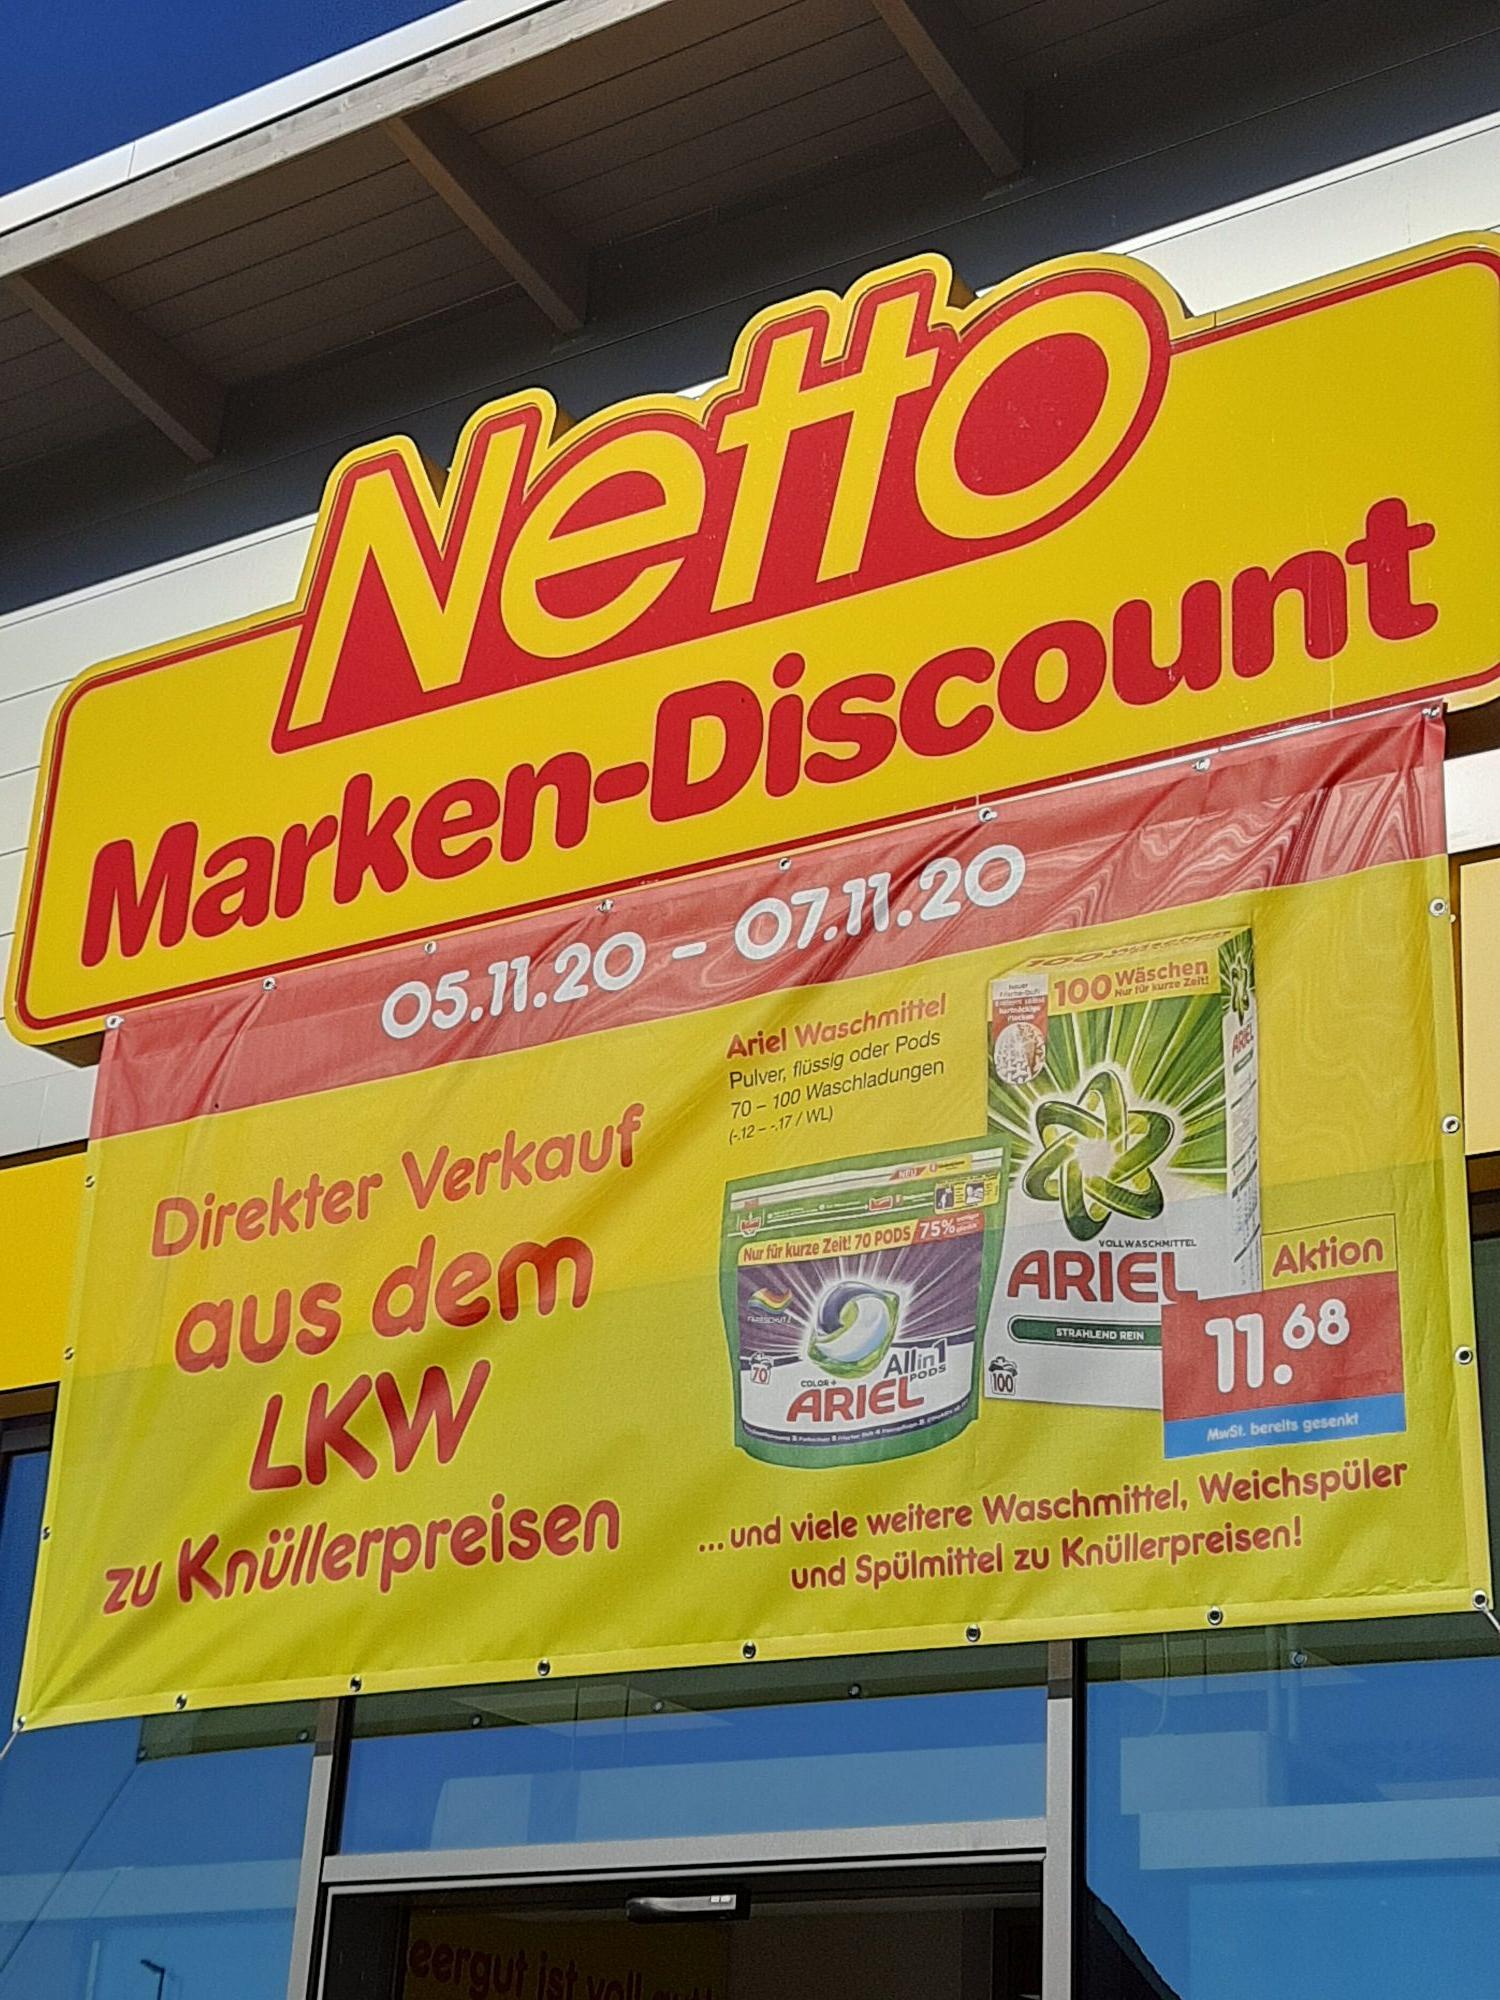 LOKAL Ariel Waschmittel, Weichspüler, Spülmittel und vieles mehr zu billigen Preisen